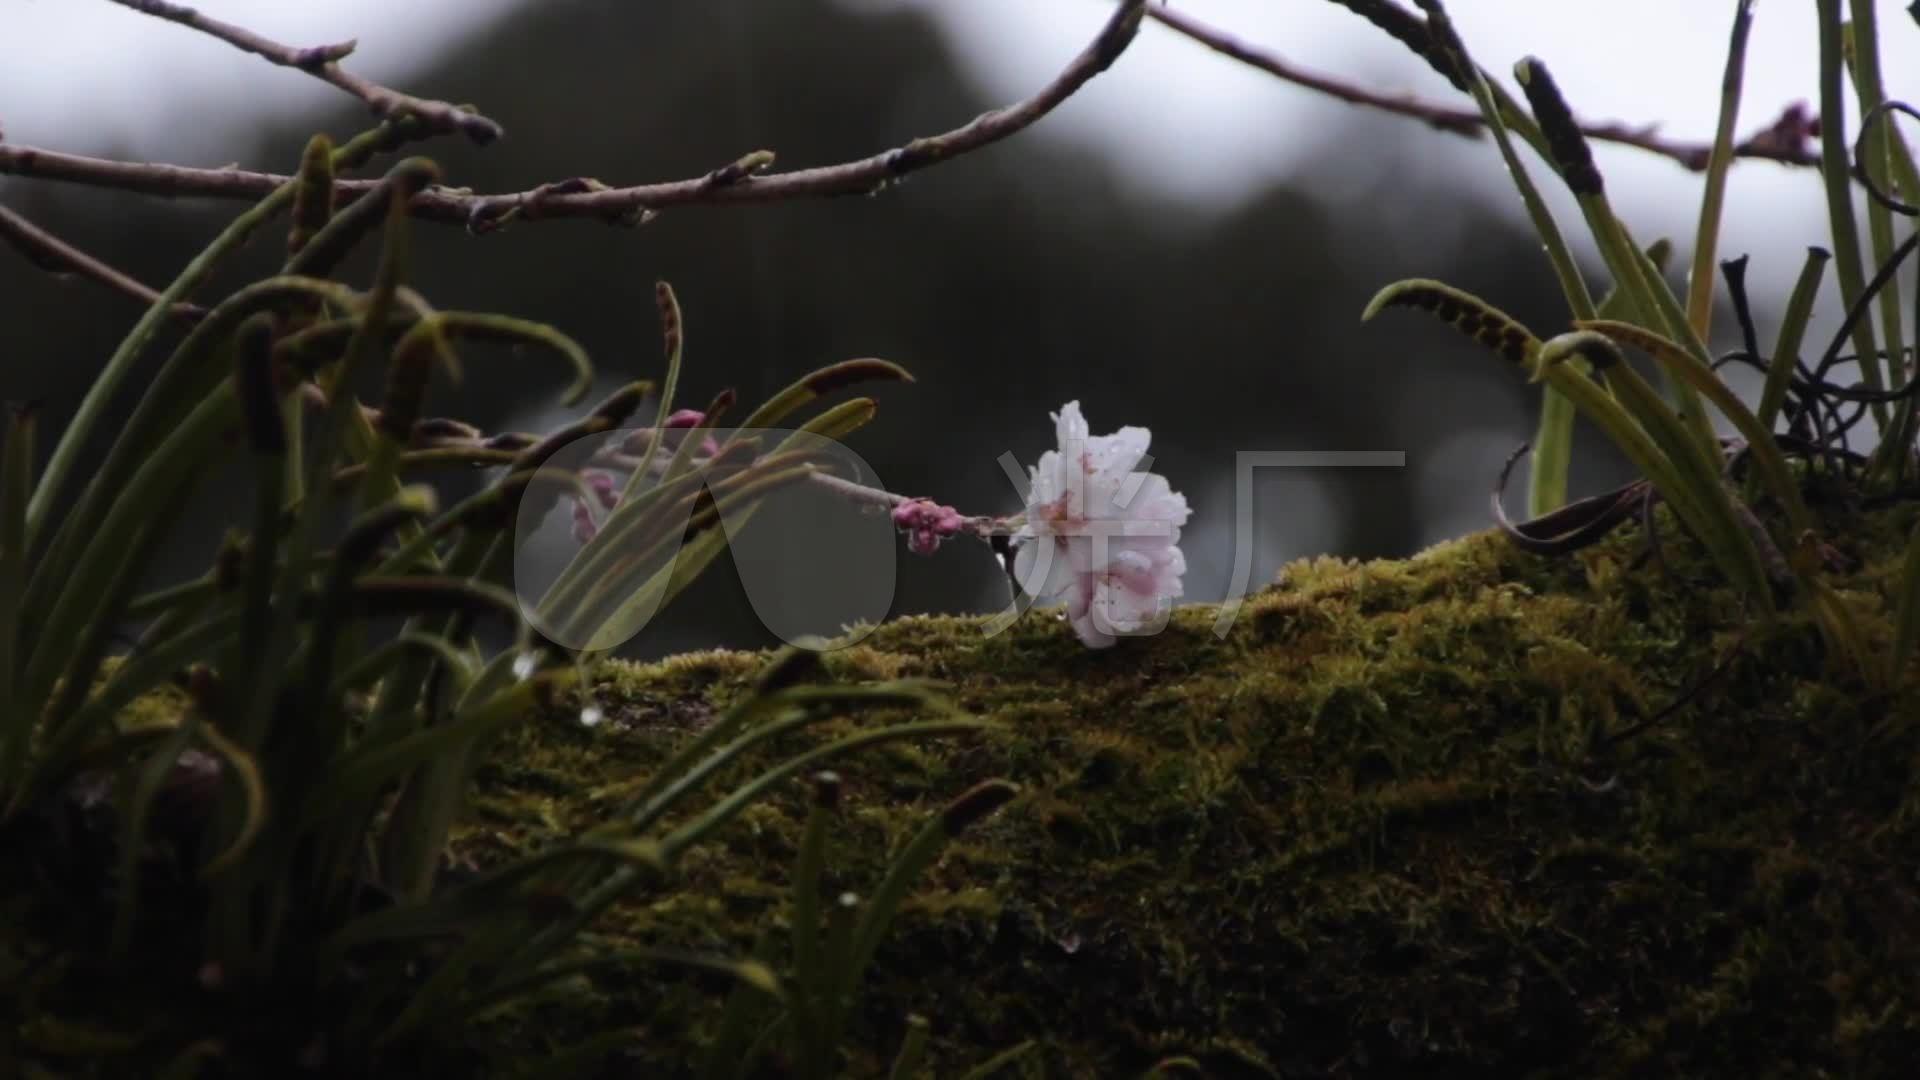 唯美寺庙佛教禅禅意古刹古建筑雨天樱儿意境_1920x图片